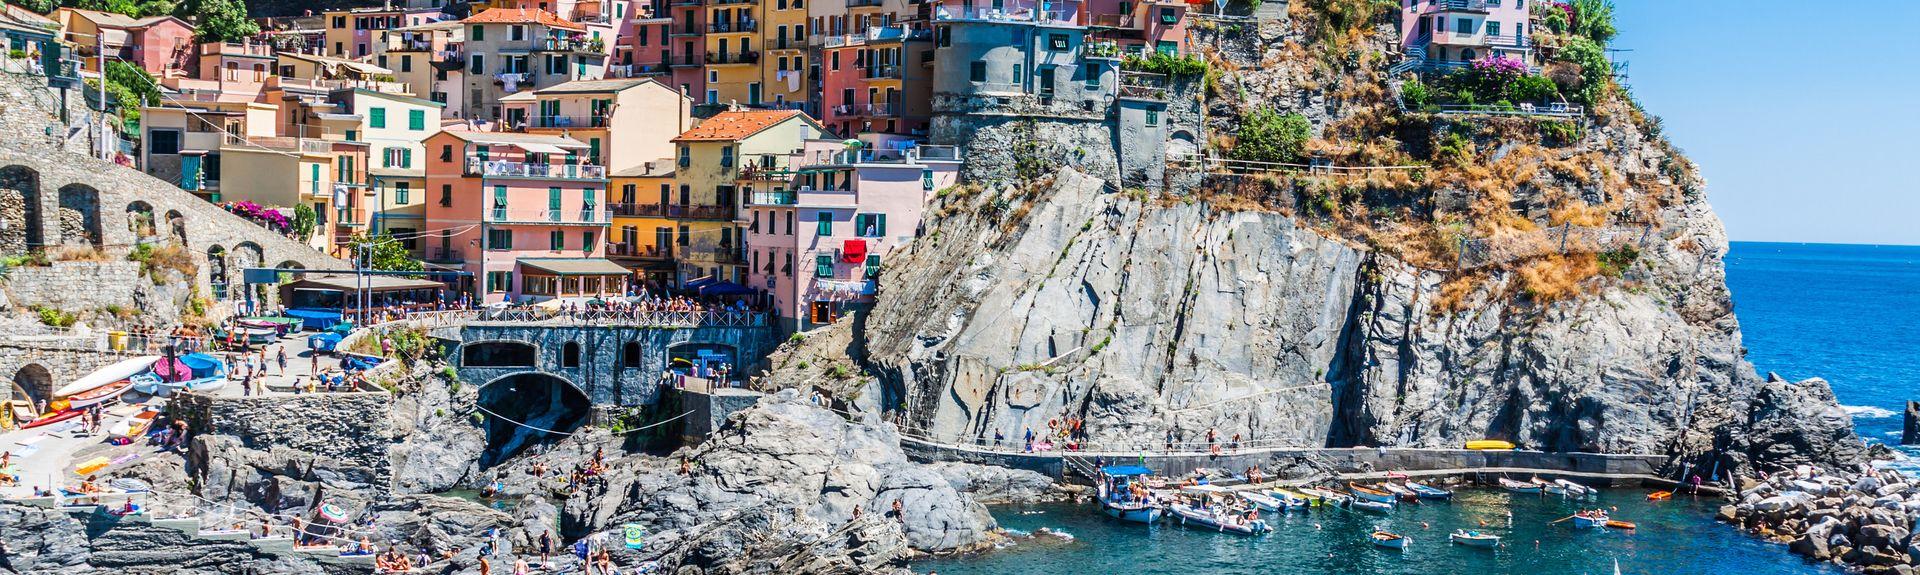 Εθνικός Δρυμός Cinque Terre, Λιγκούρια, Ιταλία